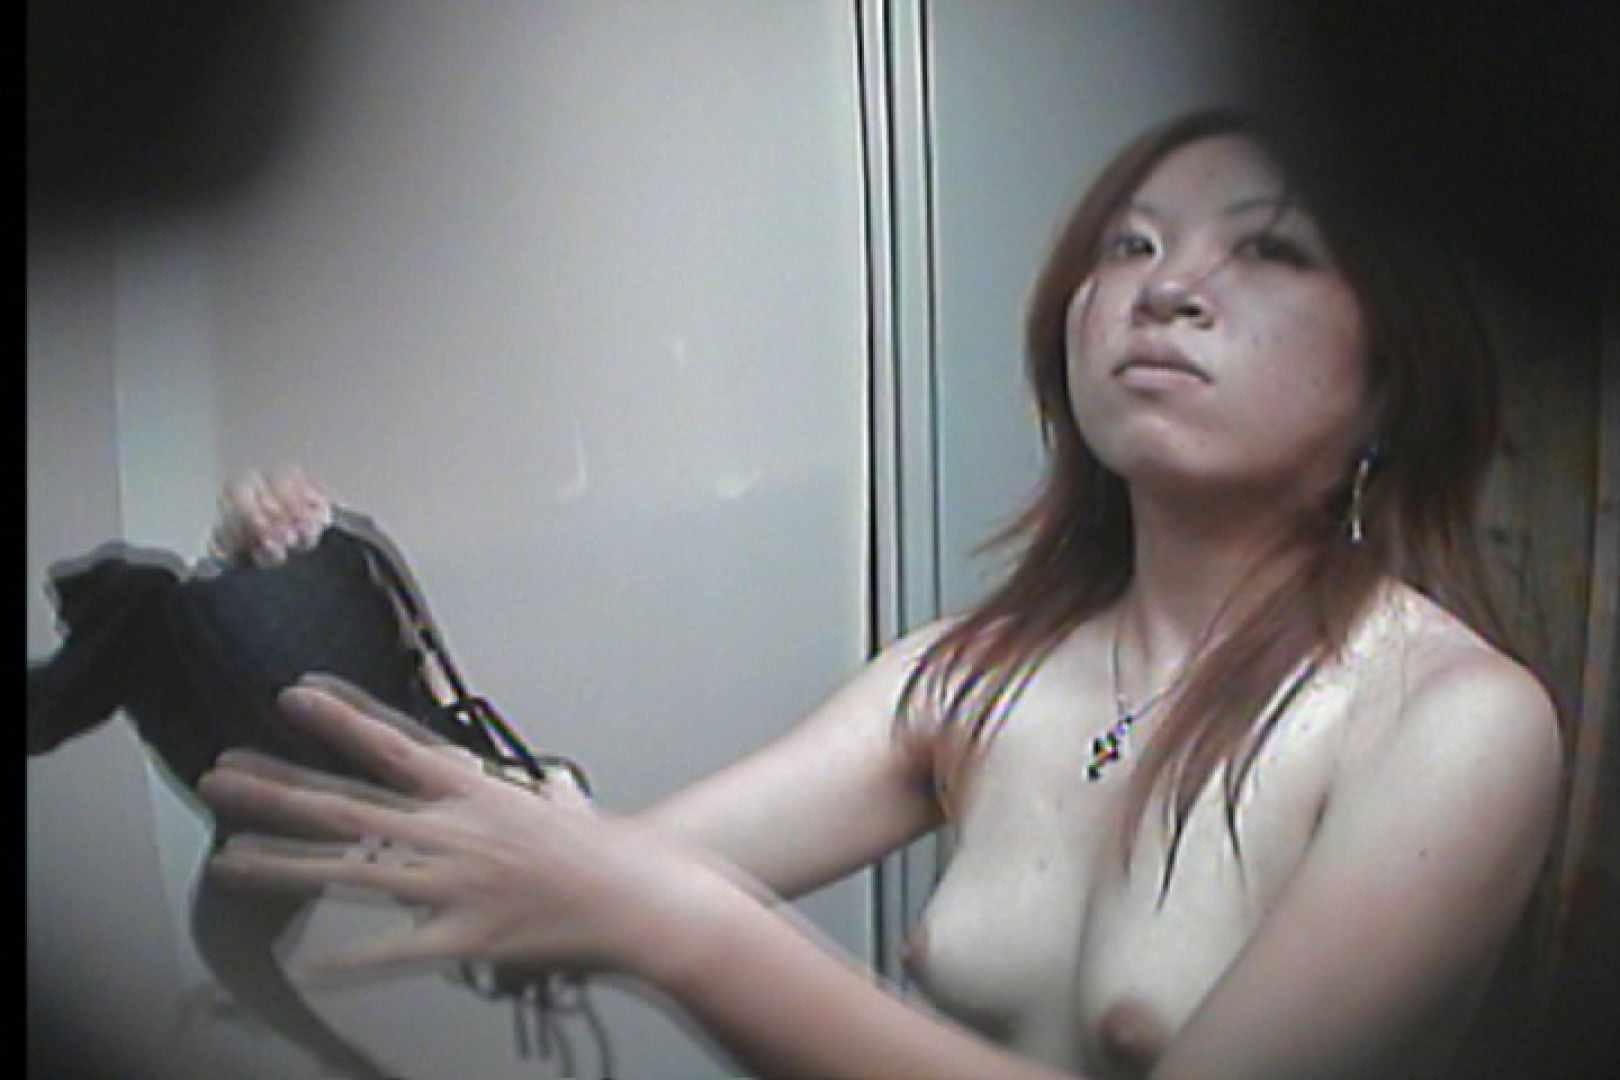 海の家の更衣室 Vol.16 美女 おめこ無修正画像 105枚 60